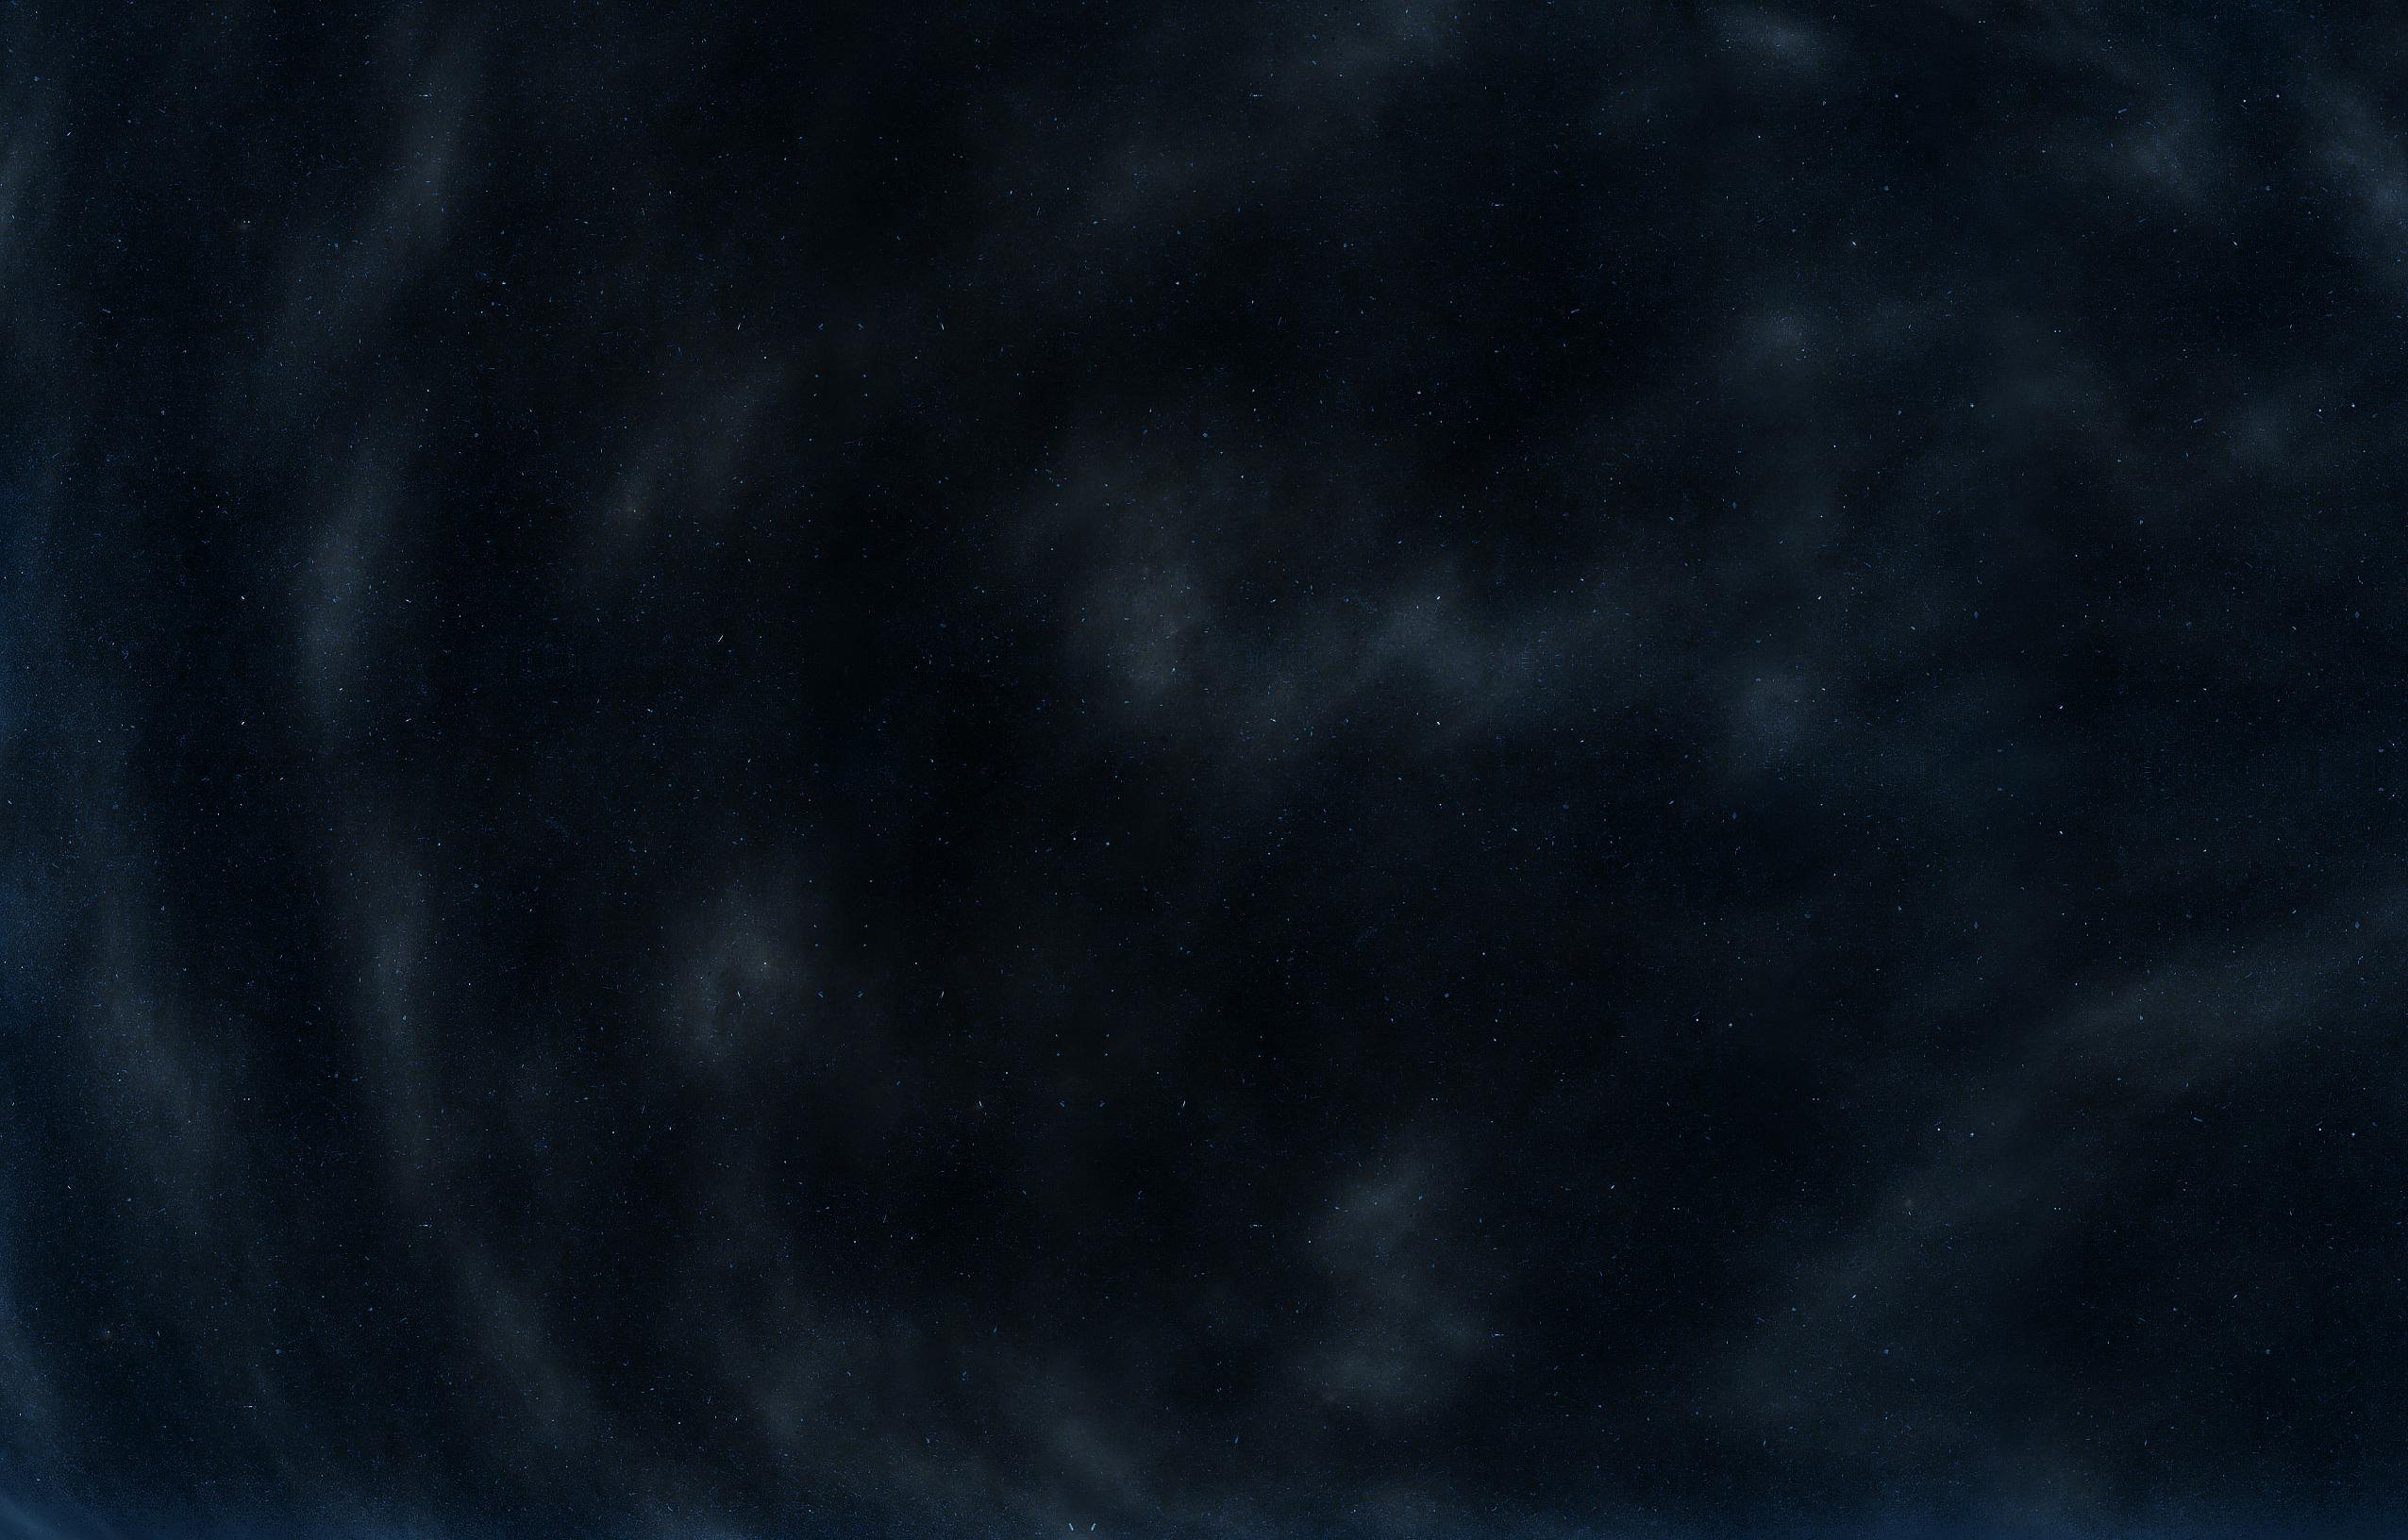 Night Sky Stars Texture Night Sky Texture by